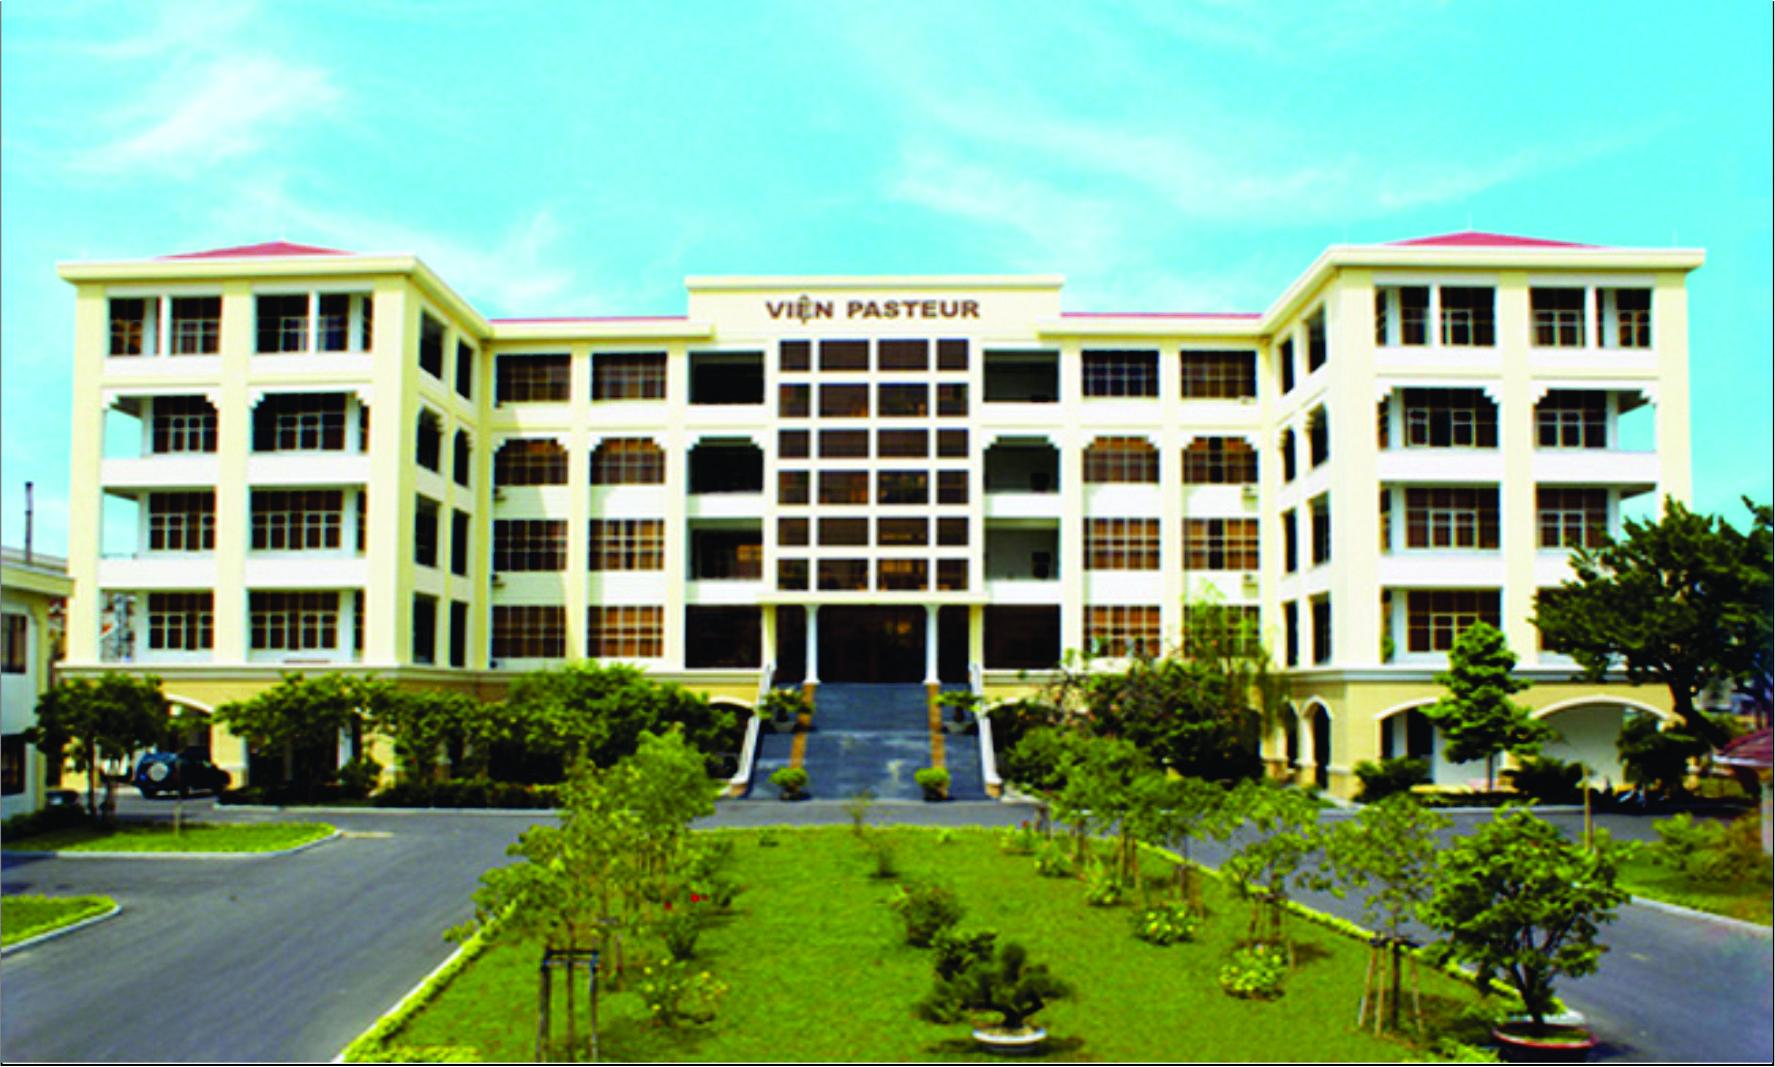 Institut Pasteur Nha Trang